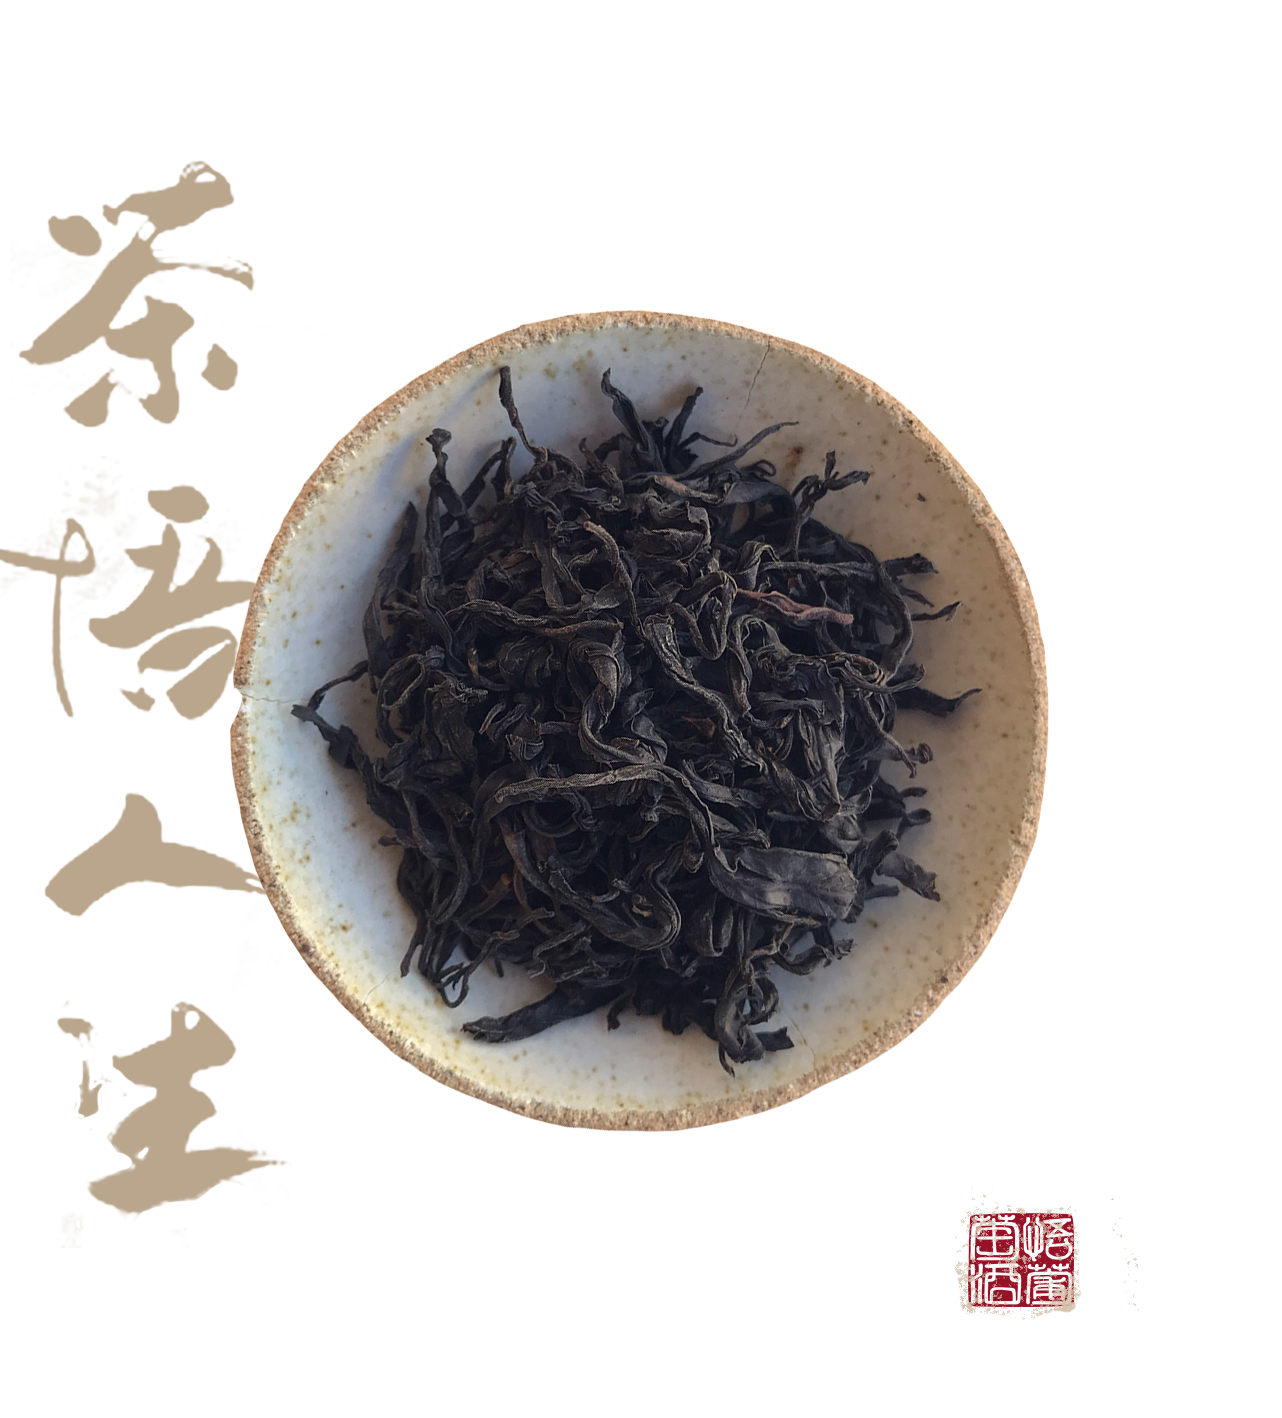 Feng qing ye sheng is a wild black pu erh from yunnan